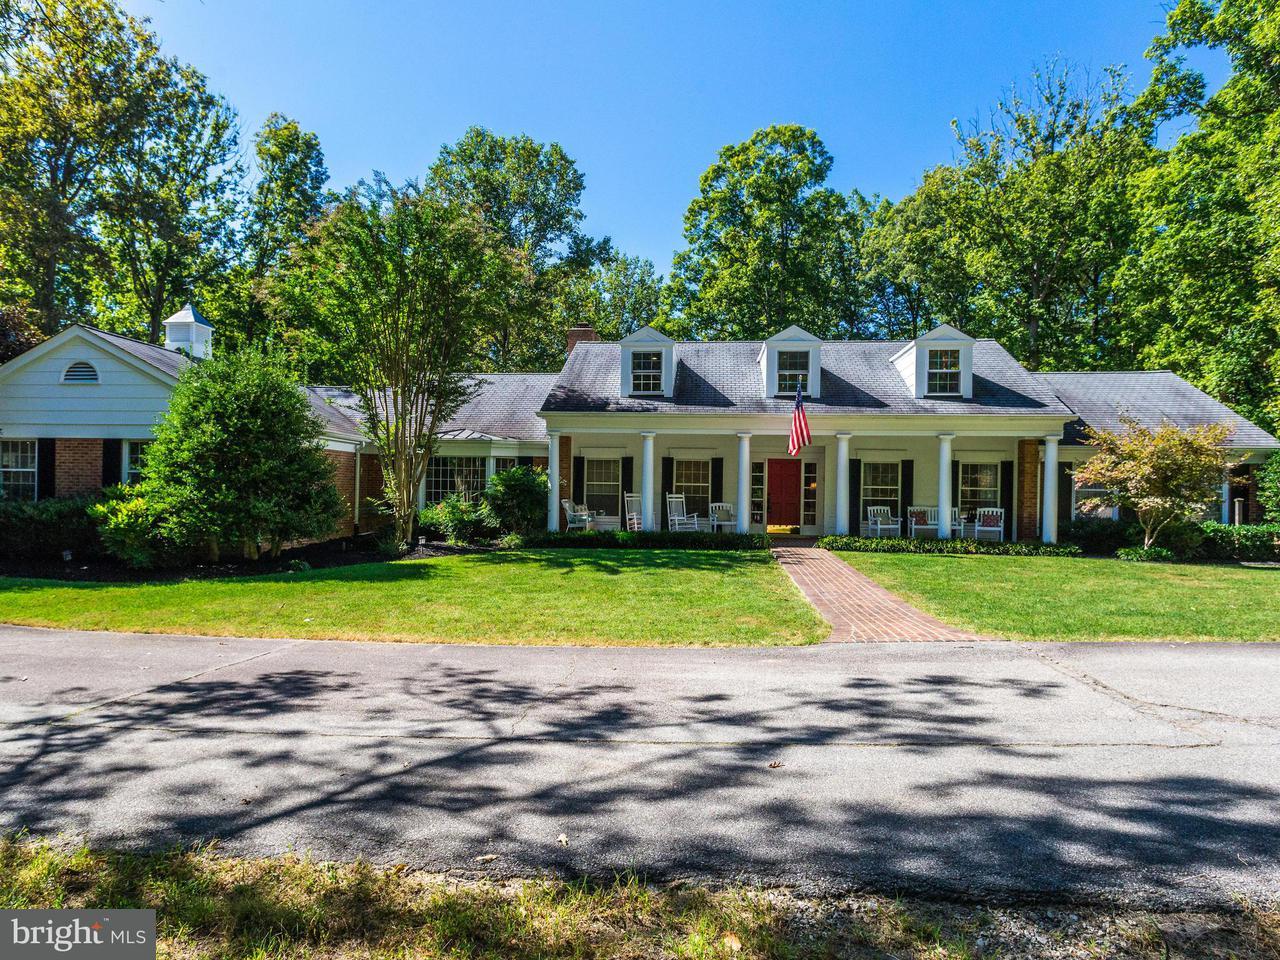 Maison unifamiliale pour l Vente à 11201 SPLIT RAIL Lane 11201 SPLIT RAIL Lane Fairfax Station, Virginia 22039 États-Unis